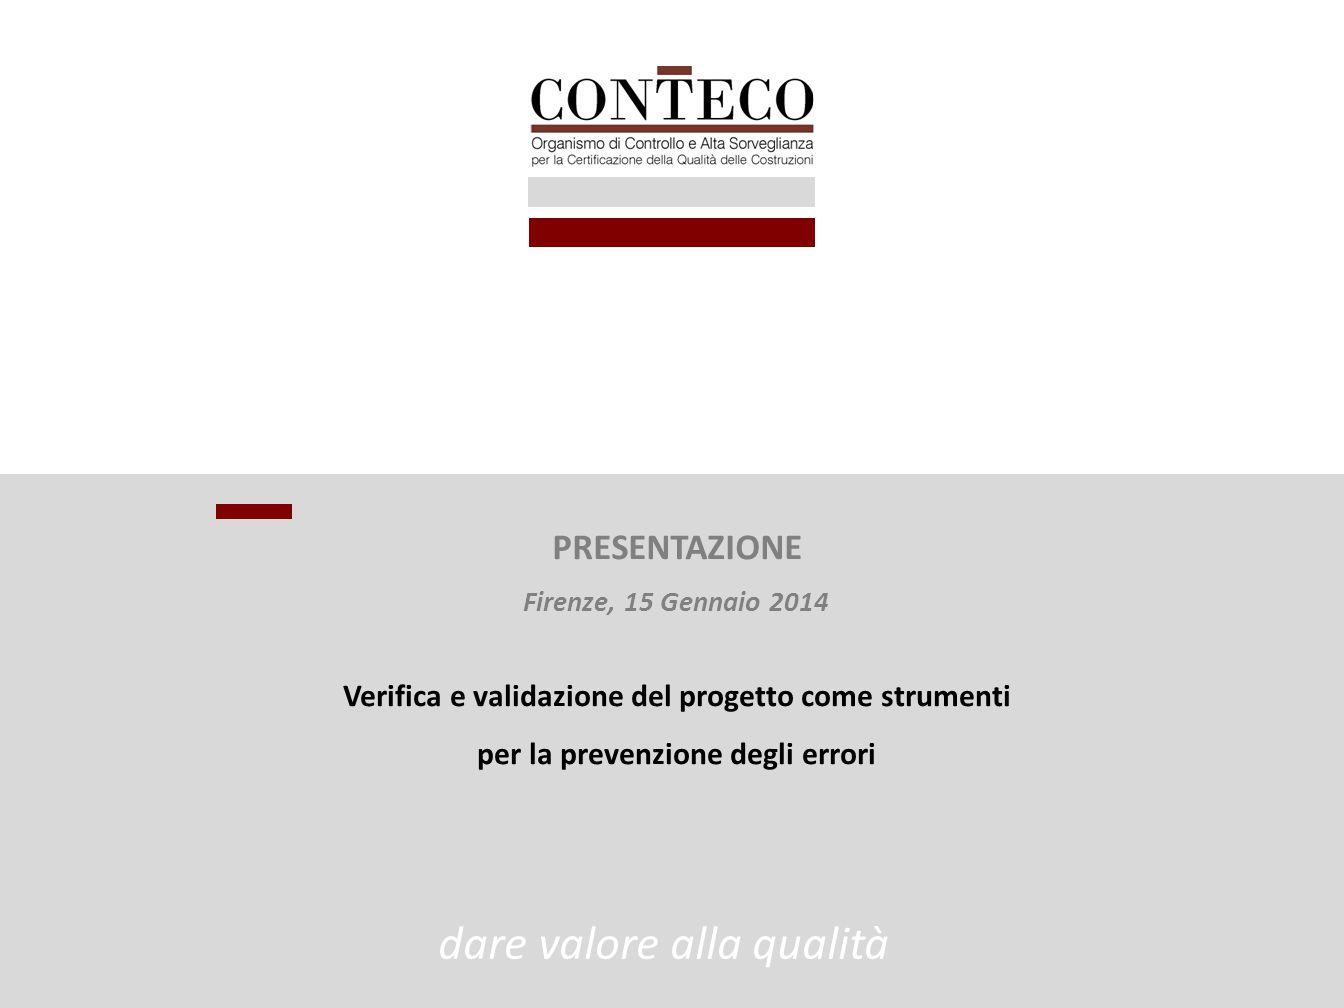  Verifica e Validazione del progetto, normativa e punto di vista di un Organismo di Controllo accreditato.